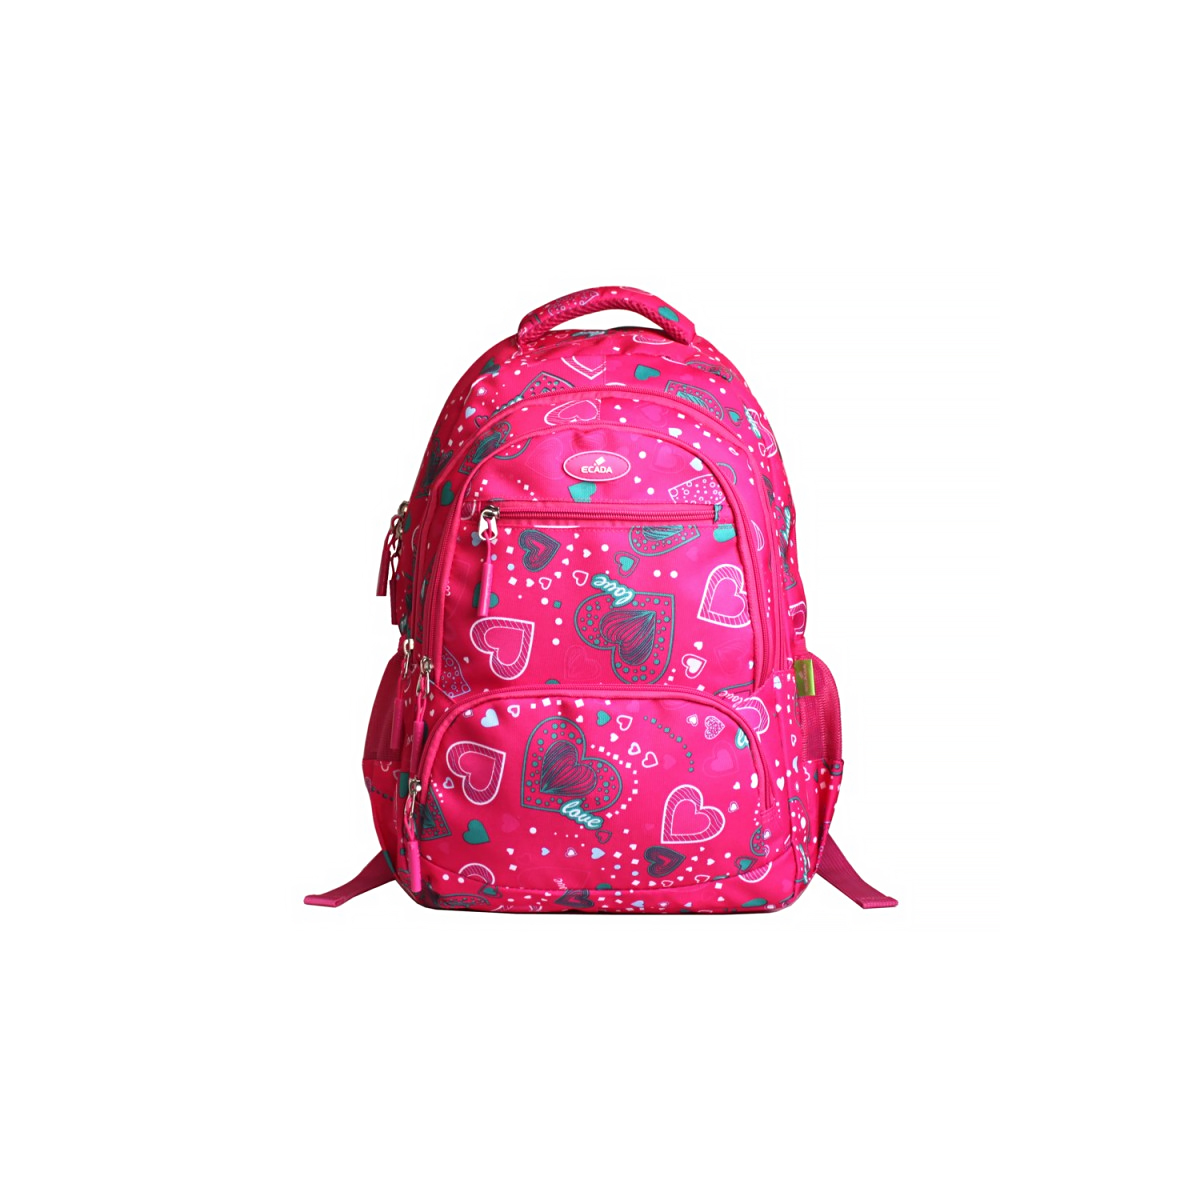 Ghiozdan Școlar Pentru Adolescenți, Roz, Inimioare, Ecada, 61405